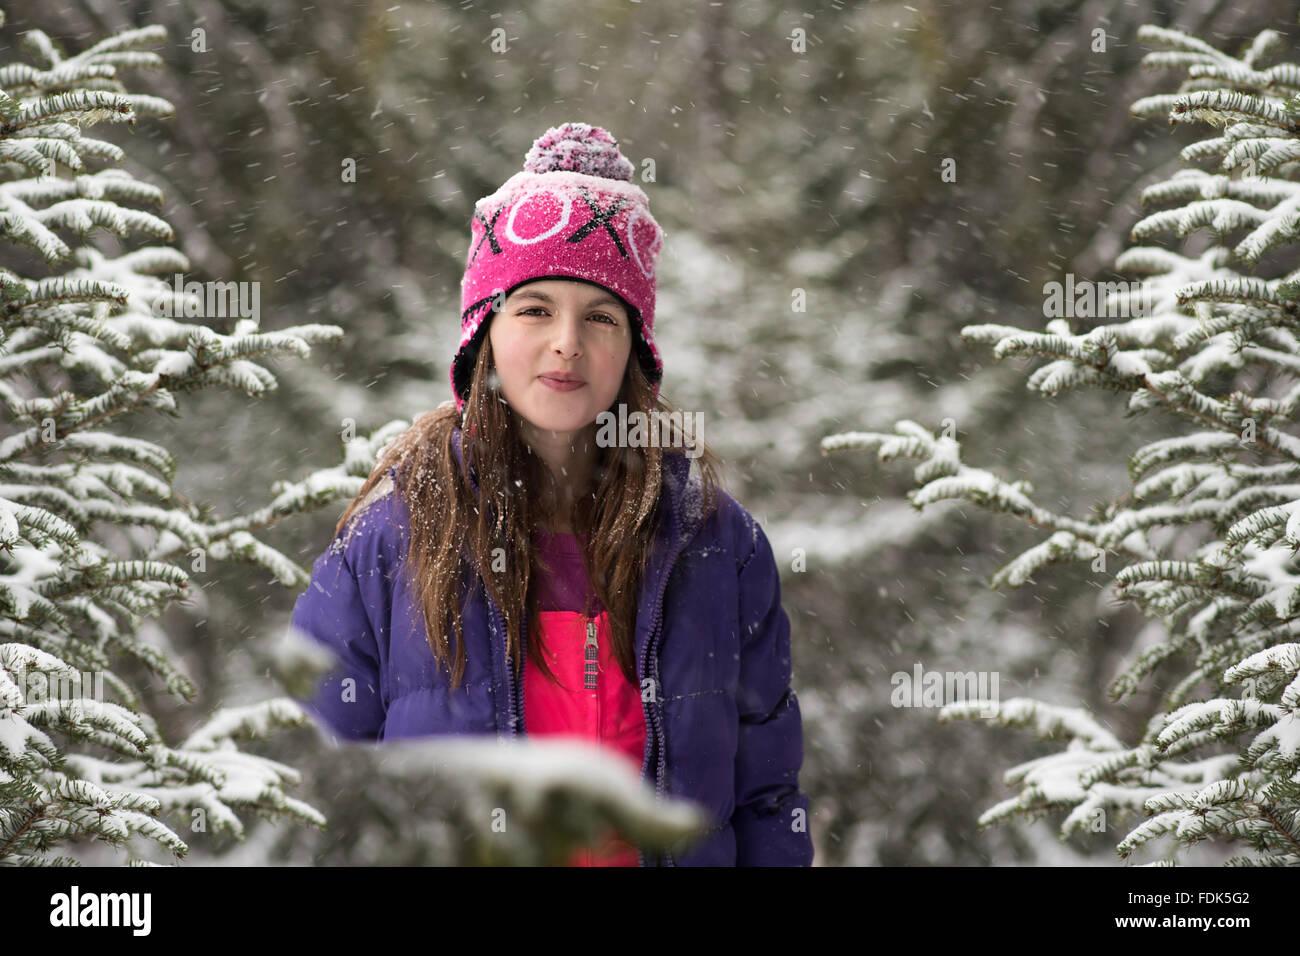 Smiling girl debout dans la forêt dans la neige Banque D'Images